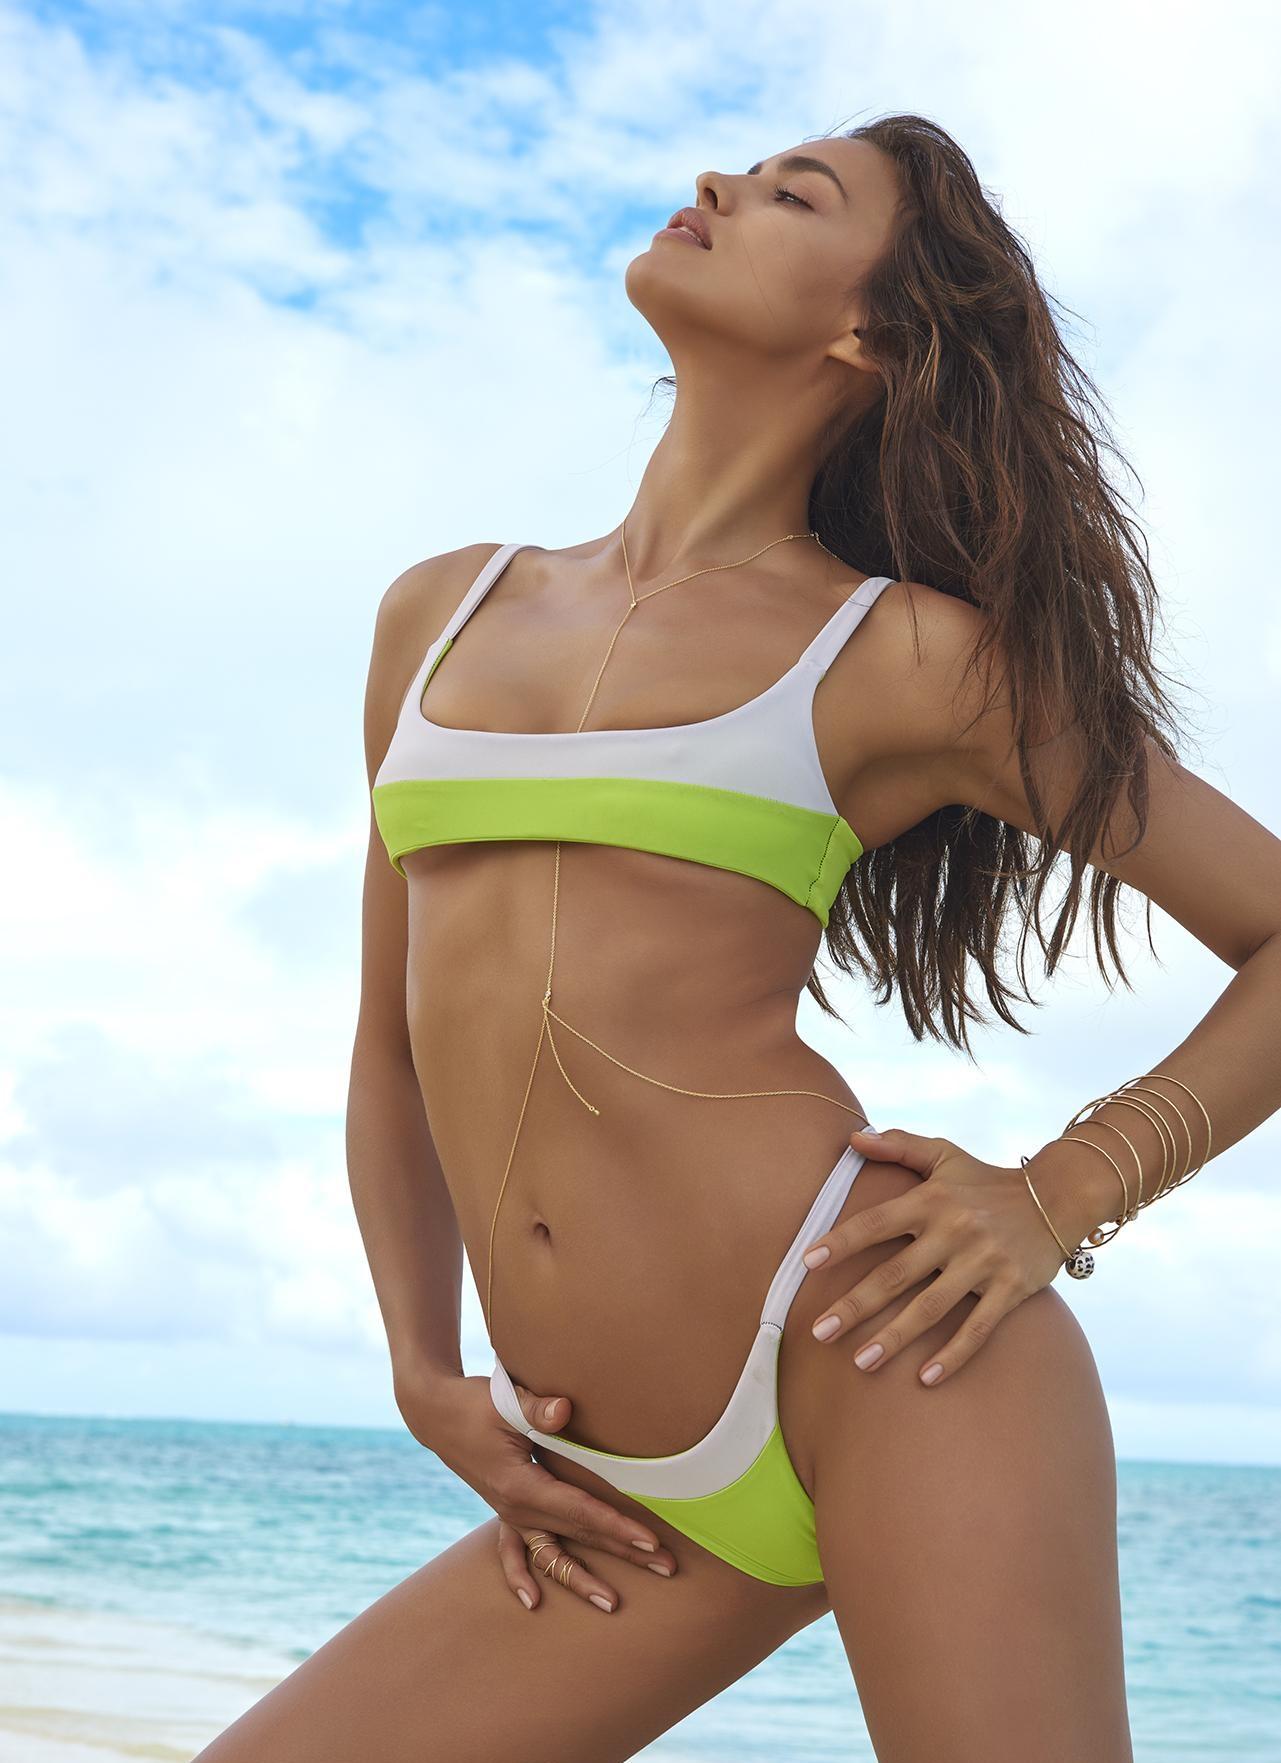 irina-shayk-sexy-images